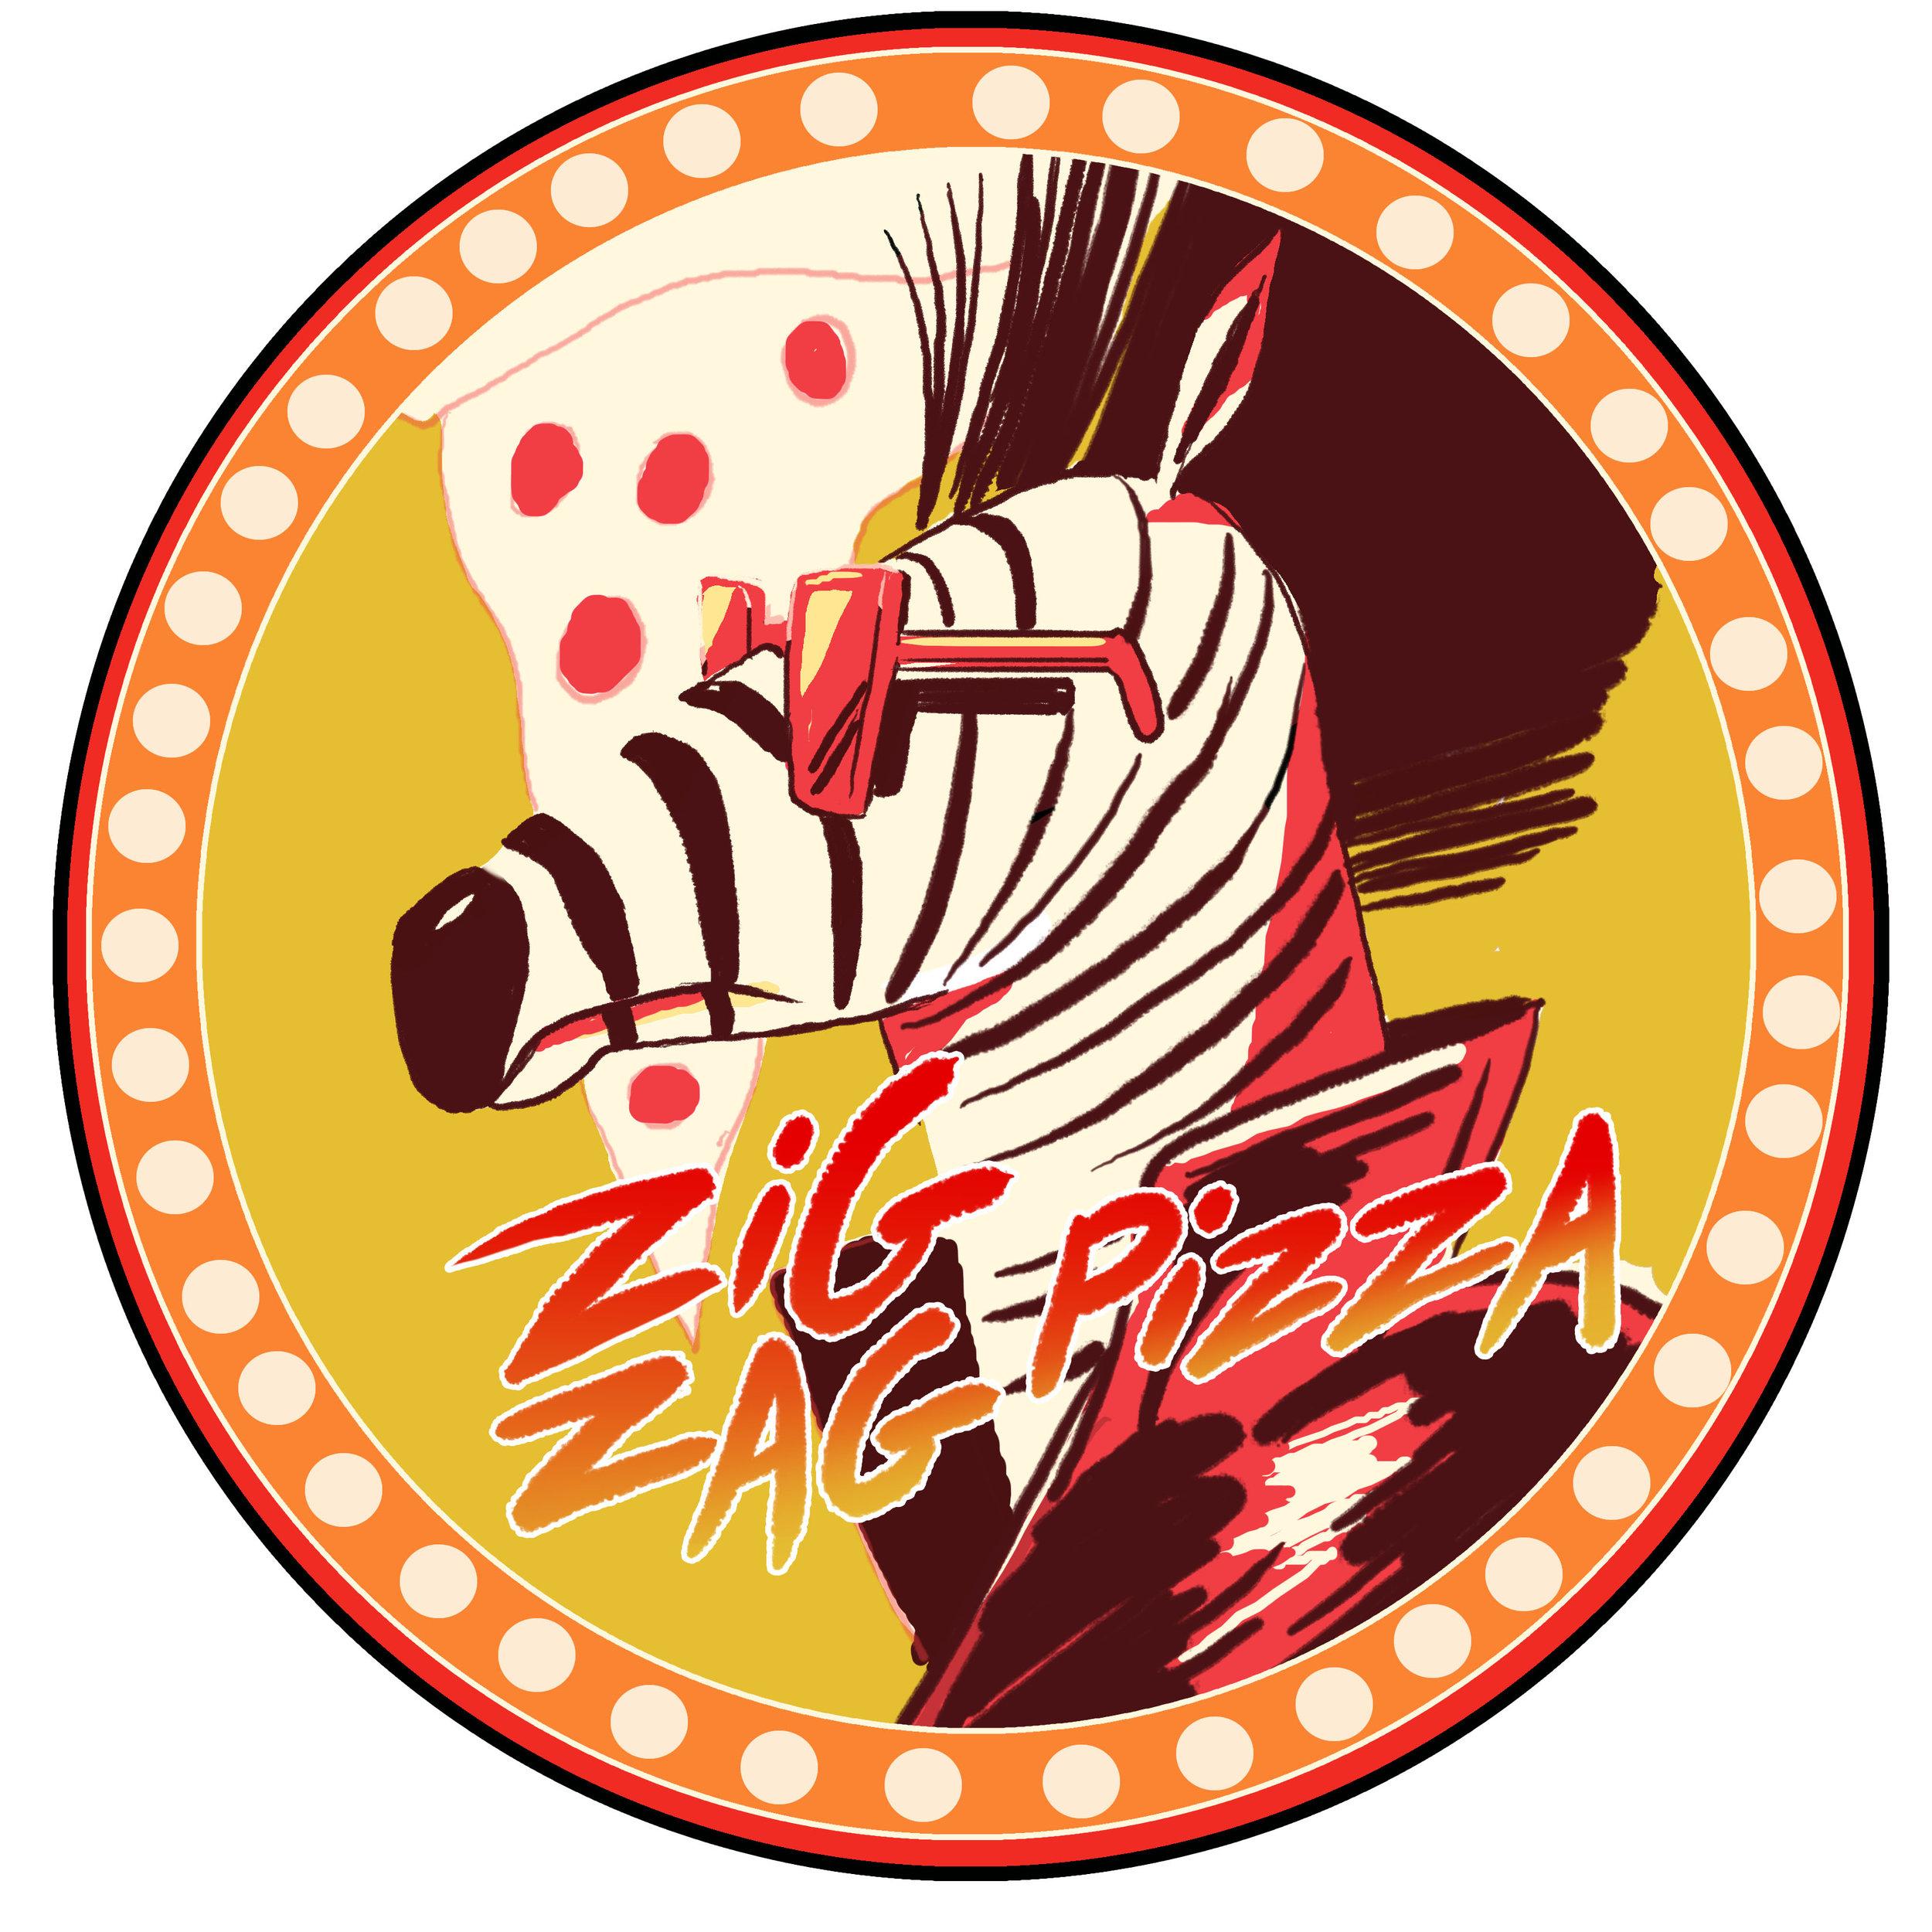 zig zag pizza logo.jpg